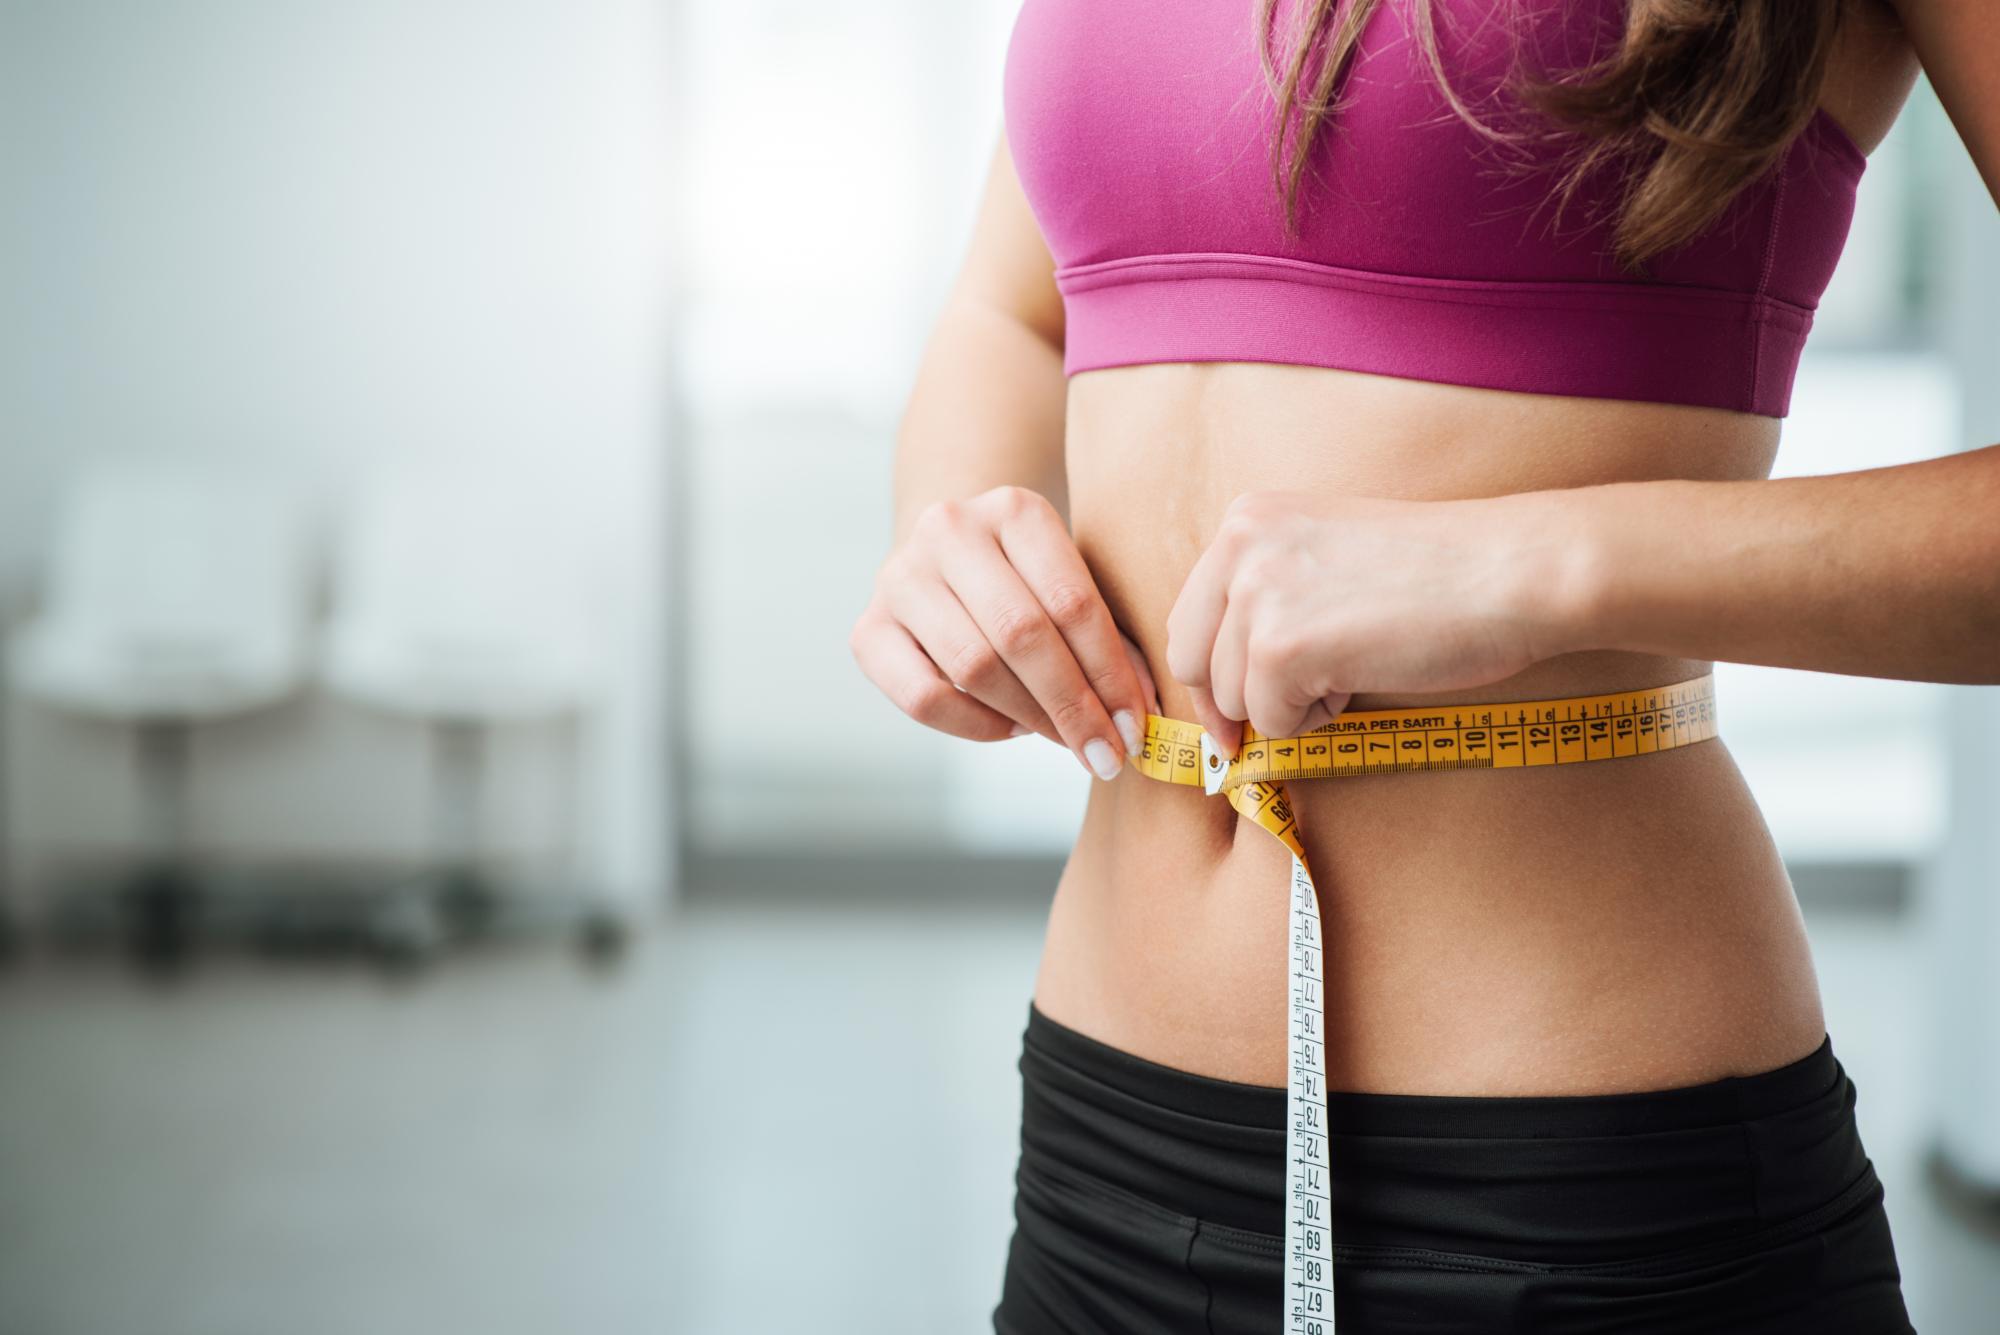 Похудеть В Боках Животе И Талии. Как похудеть в талии и животе НАДОЛГО?